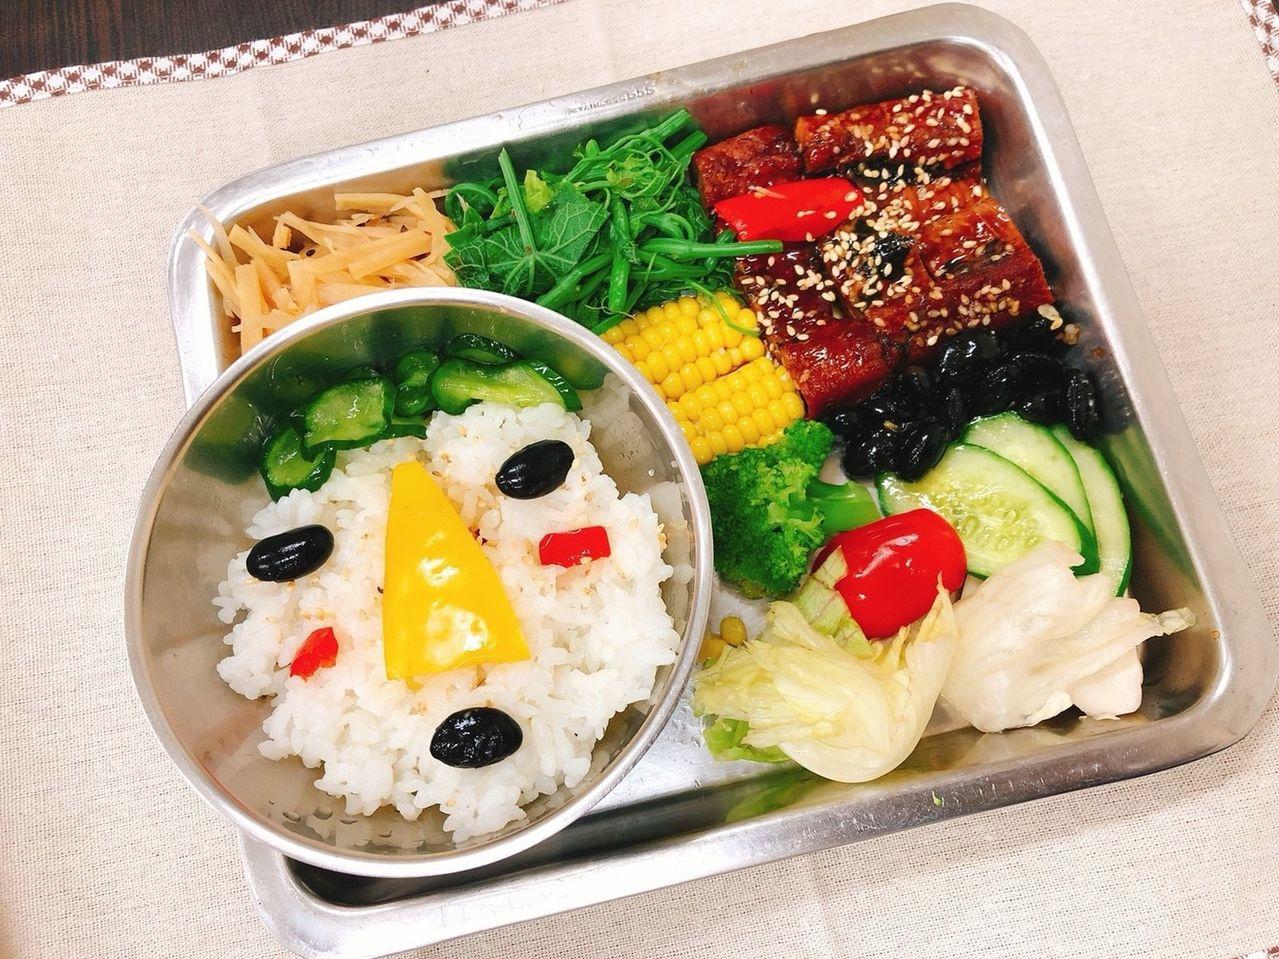 配合輕旅行,梓官區漁會開發出可口的風味餐。記者王昭月/翻攝